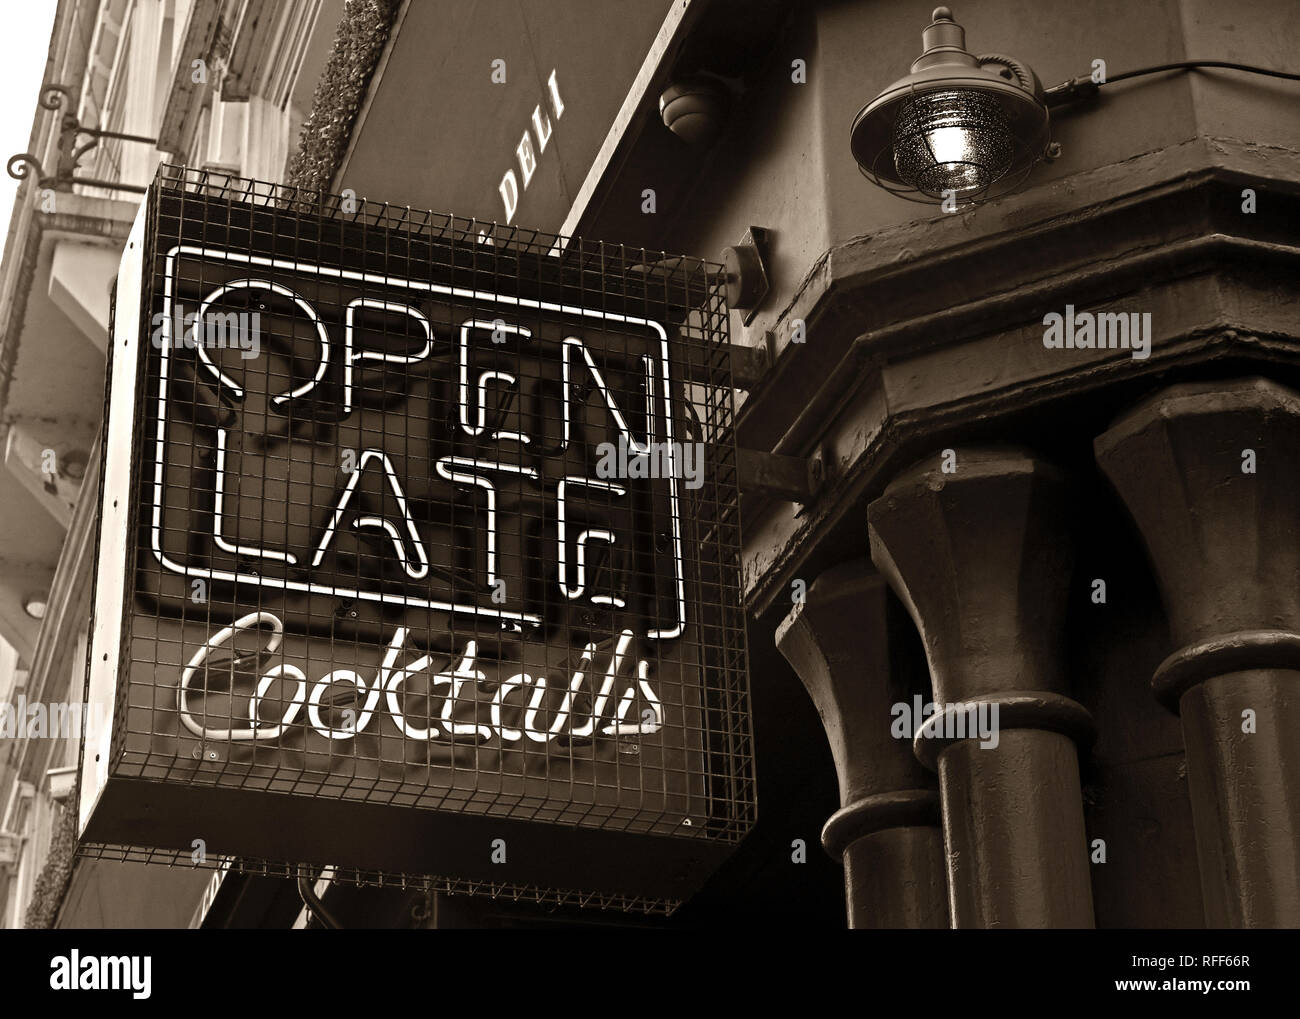 Laden Sie dieses Alamy Stockfoto Monochrom, die bis spät in die Nacht geöffnet. Angeboten werden Cocktails, Cocktail Bar Leuchtreklame, Stevenson Square, NorthernQuarter, Manchester, England, UK, M 1 1 DN - RFF66R